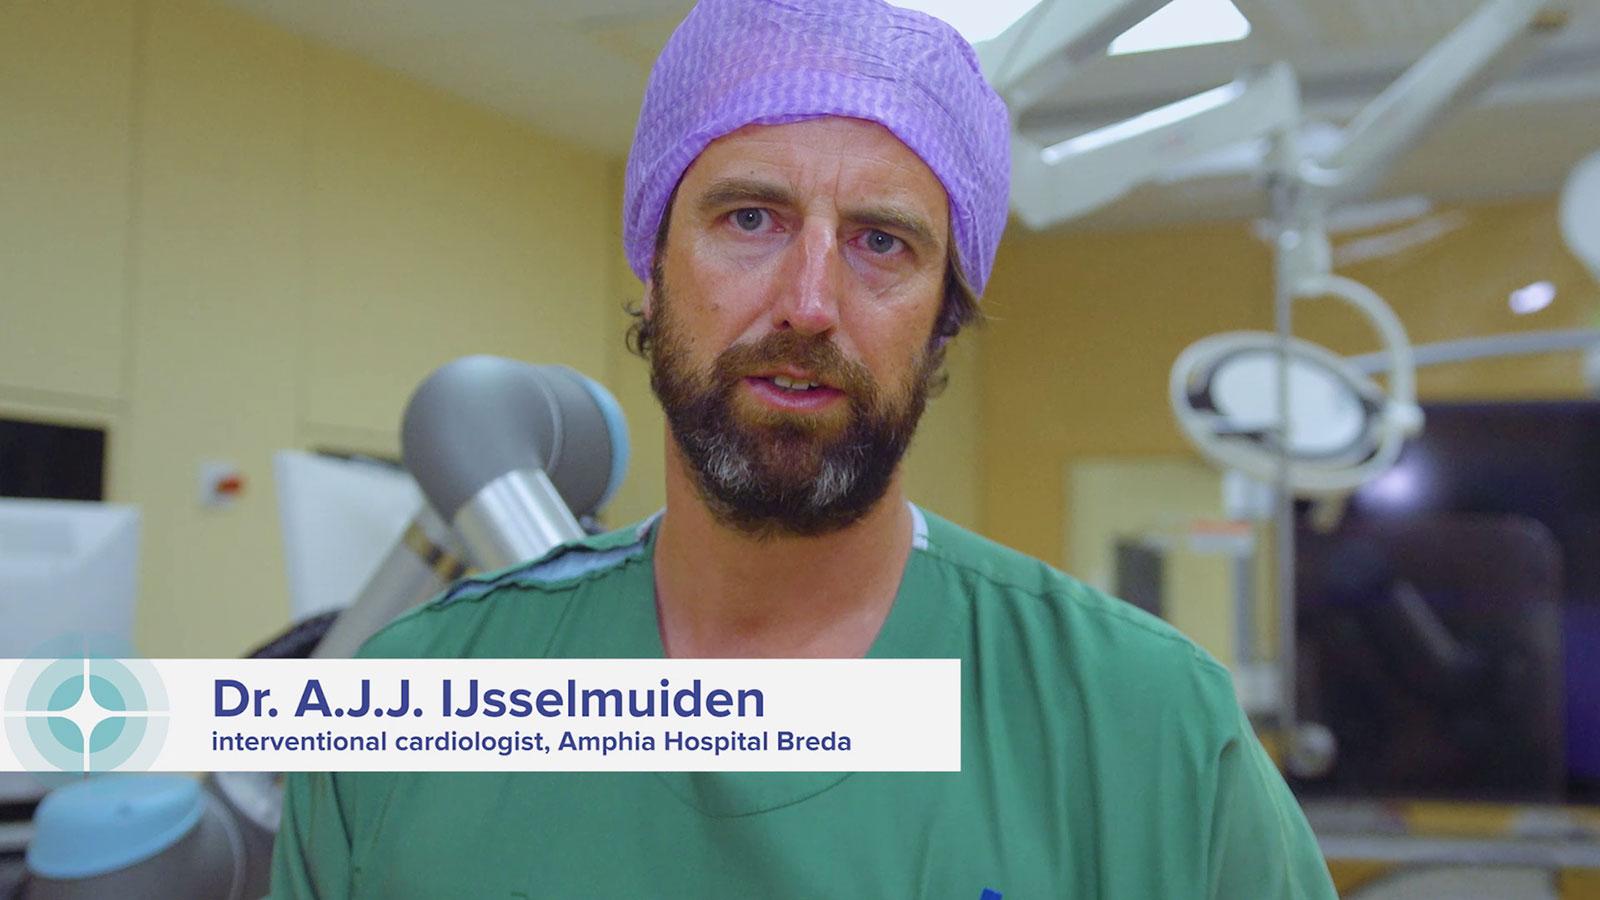 medische videoproducties laten maken in ziekenhuis Amphia